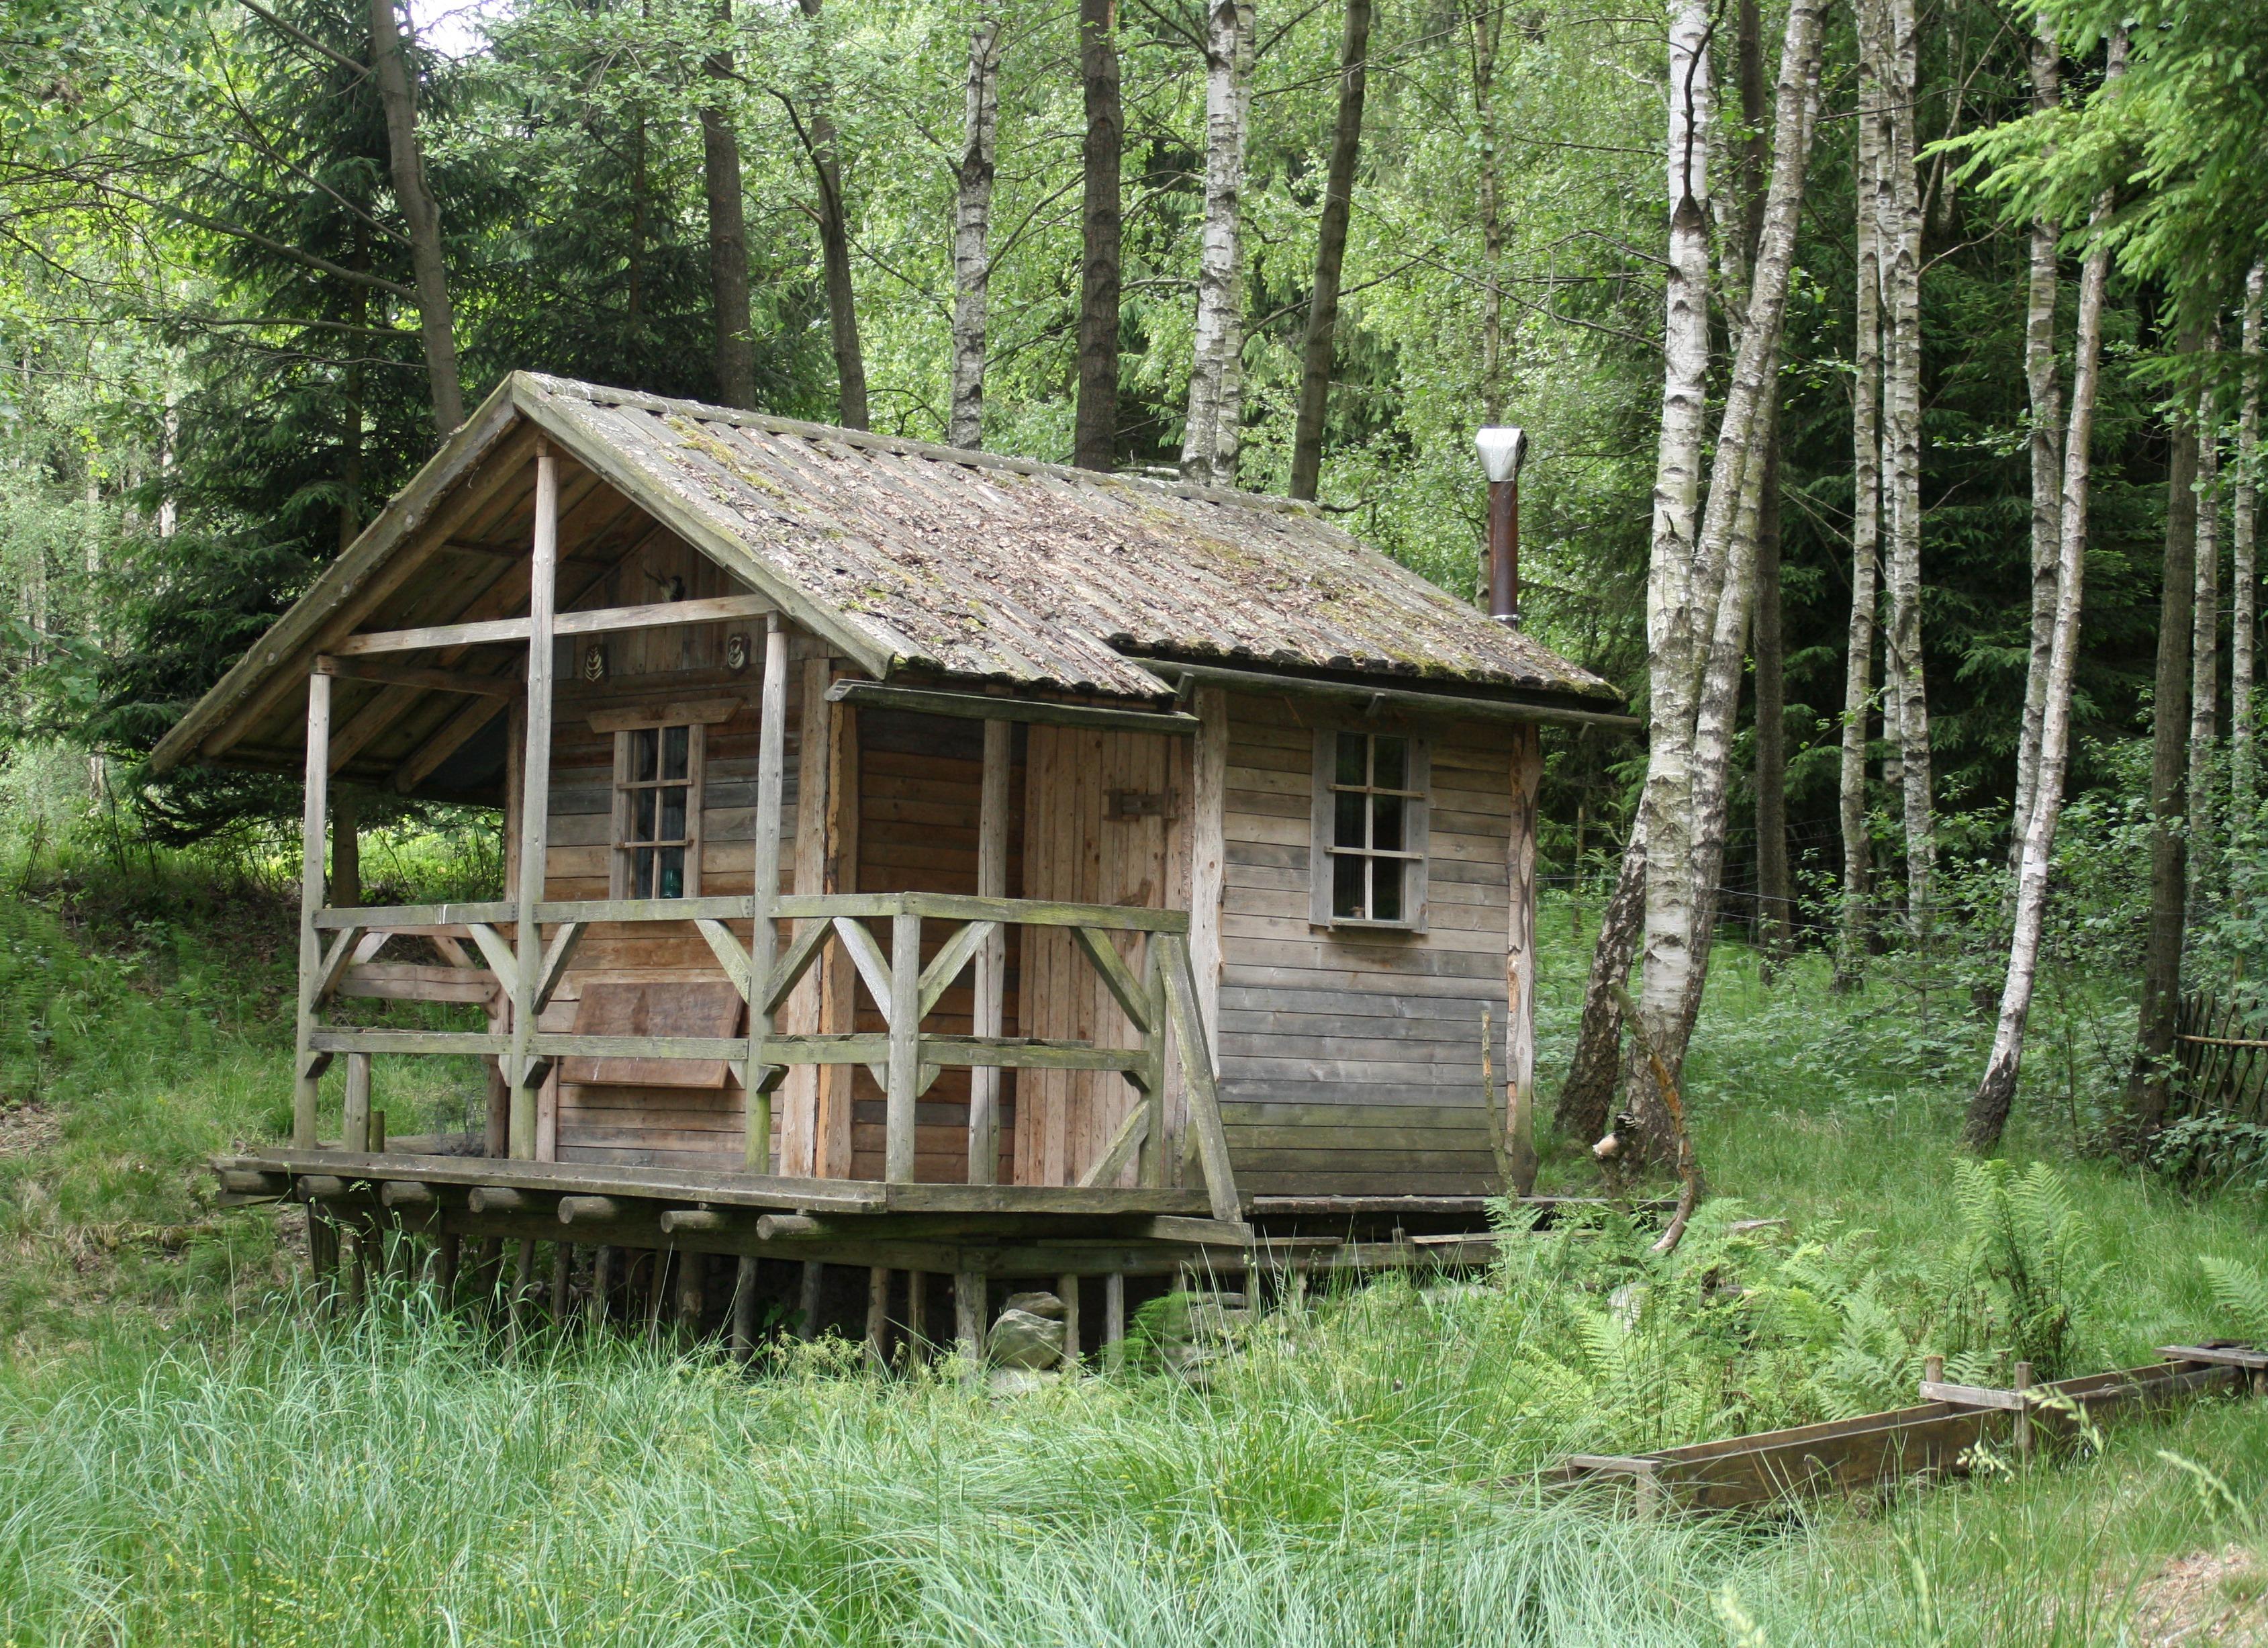 images gratuites b timent cabanon jungle chalet poisson relaxation des bois cabane en. Black Bedroom Furniture Sets. Home Design Ideas